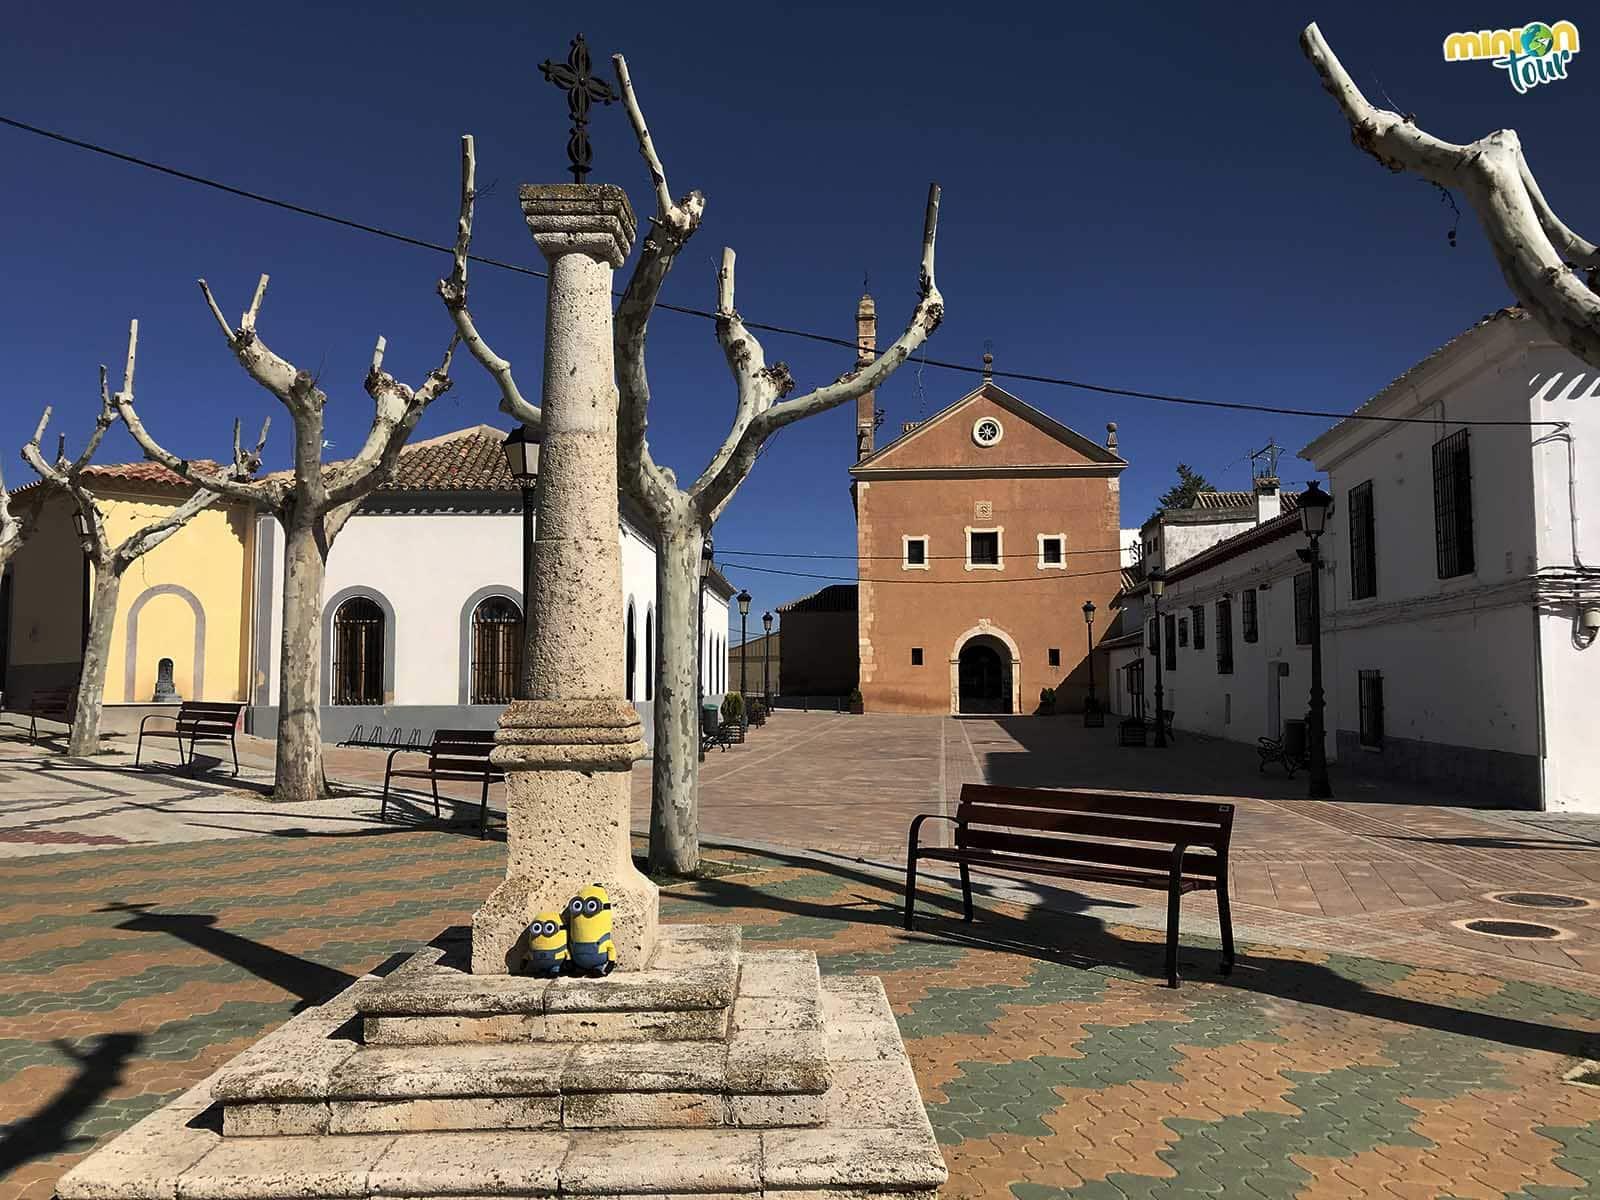 Plaza de Fuensanta